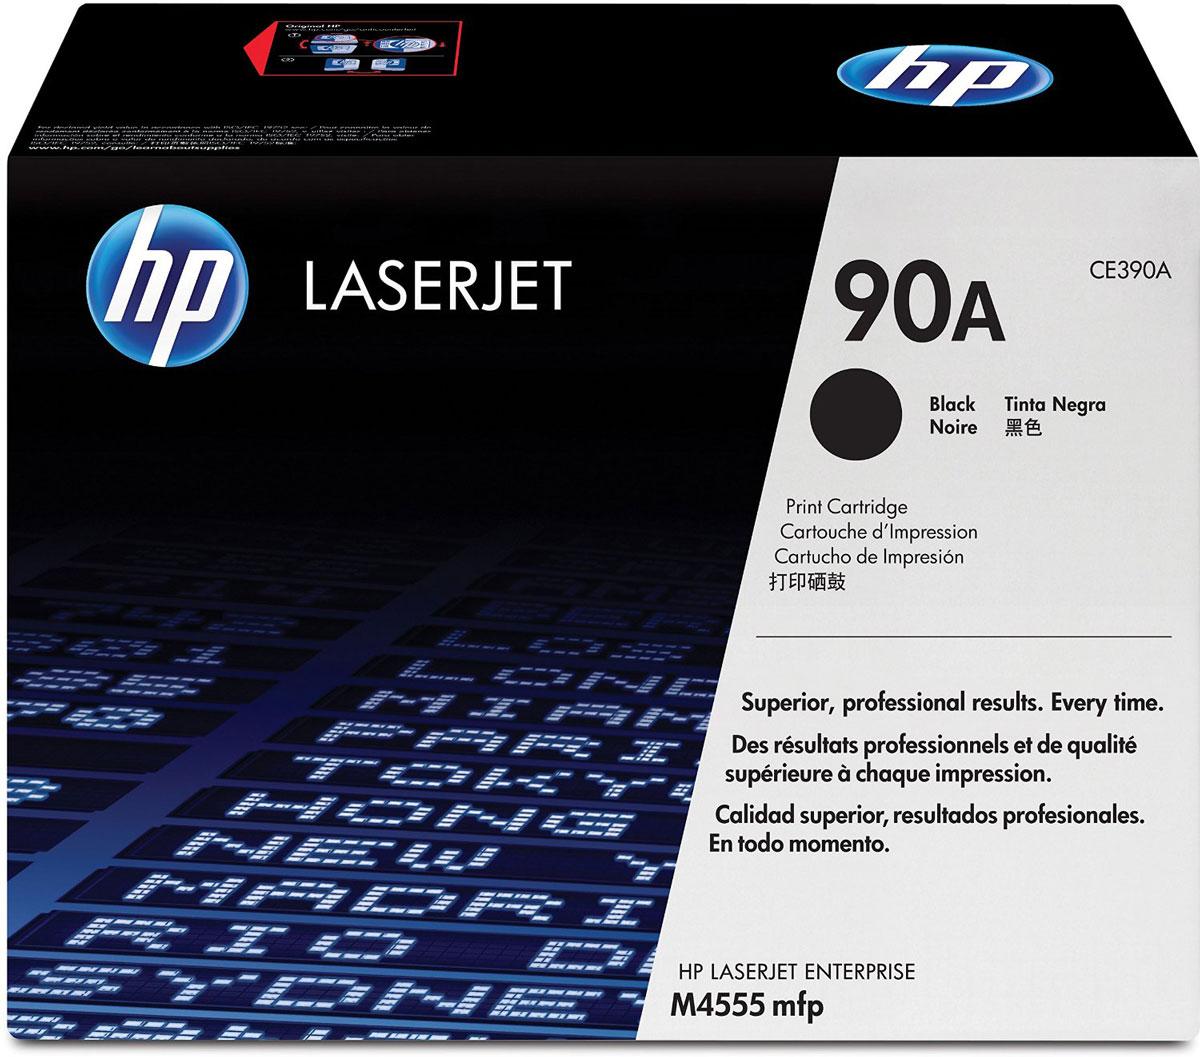 HP CE390A (90A), Black тонер-картридж для LaserJet Enterprise M4555MFP/M601/M602/M603CE390AИспользуйте картриджи HP CE390A (90A) для печати документов с высоким качеством и для повышения производительности. Печатайте с высокой скоростью без ущерба для качества. Получайте отпечатки с четким текстом и яркой графикой и экономьте электроэнергию. Используйте оригинальные картриджи HP LaserJet для повышения производительности. Улучшенный тонер HP быстро закрепляется на бумаге, что обеспечивает быструю печать с выдающимся качеством. Установка выполняется быстро и не вызывает трудностей. Создайте профессиональное впечатление благодаря четкому тексту и яркой графике. Получайте отпечатки стабильно высокого качества с помощью картриджа, разработанного и протестированного вместе с принтером для обеспечения оптимального качества и производительности.